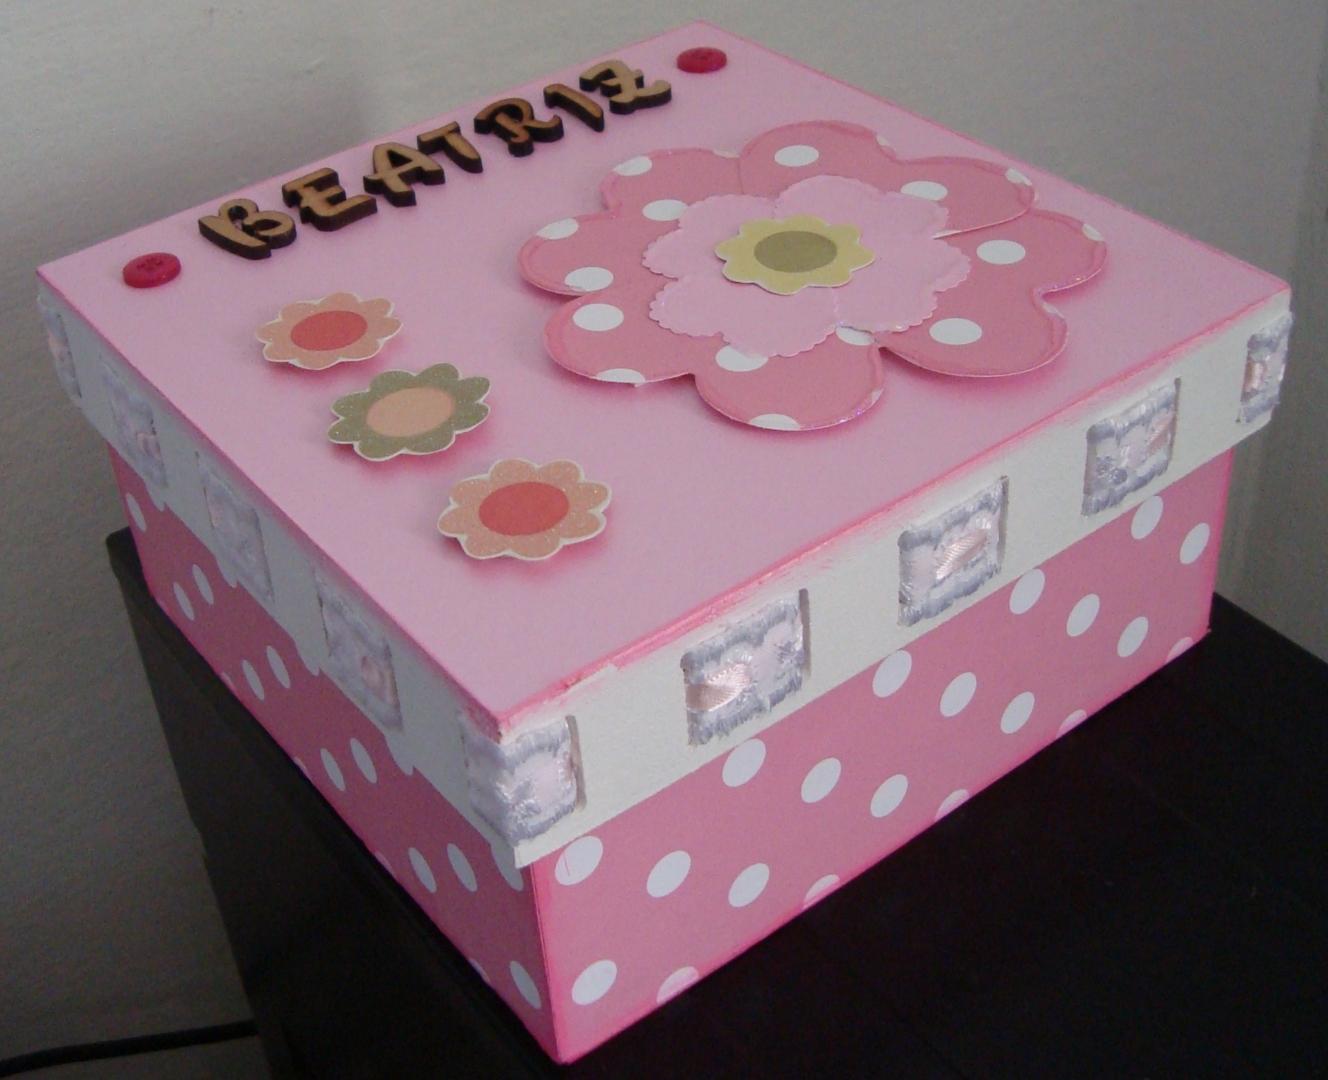 Como tinha um passa fitas na tampa da caixa eu passei uma fita rosa  #7B455D 1328x1080